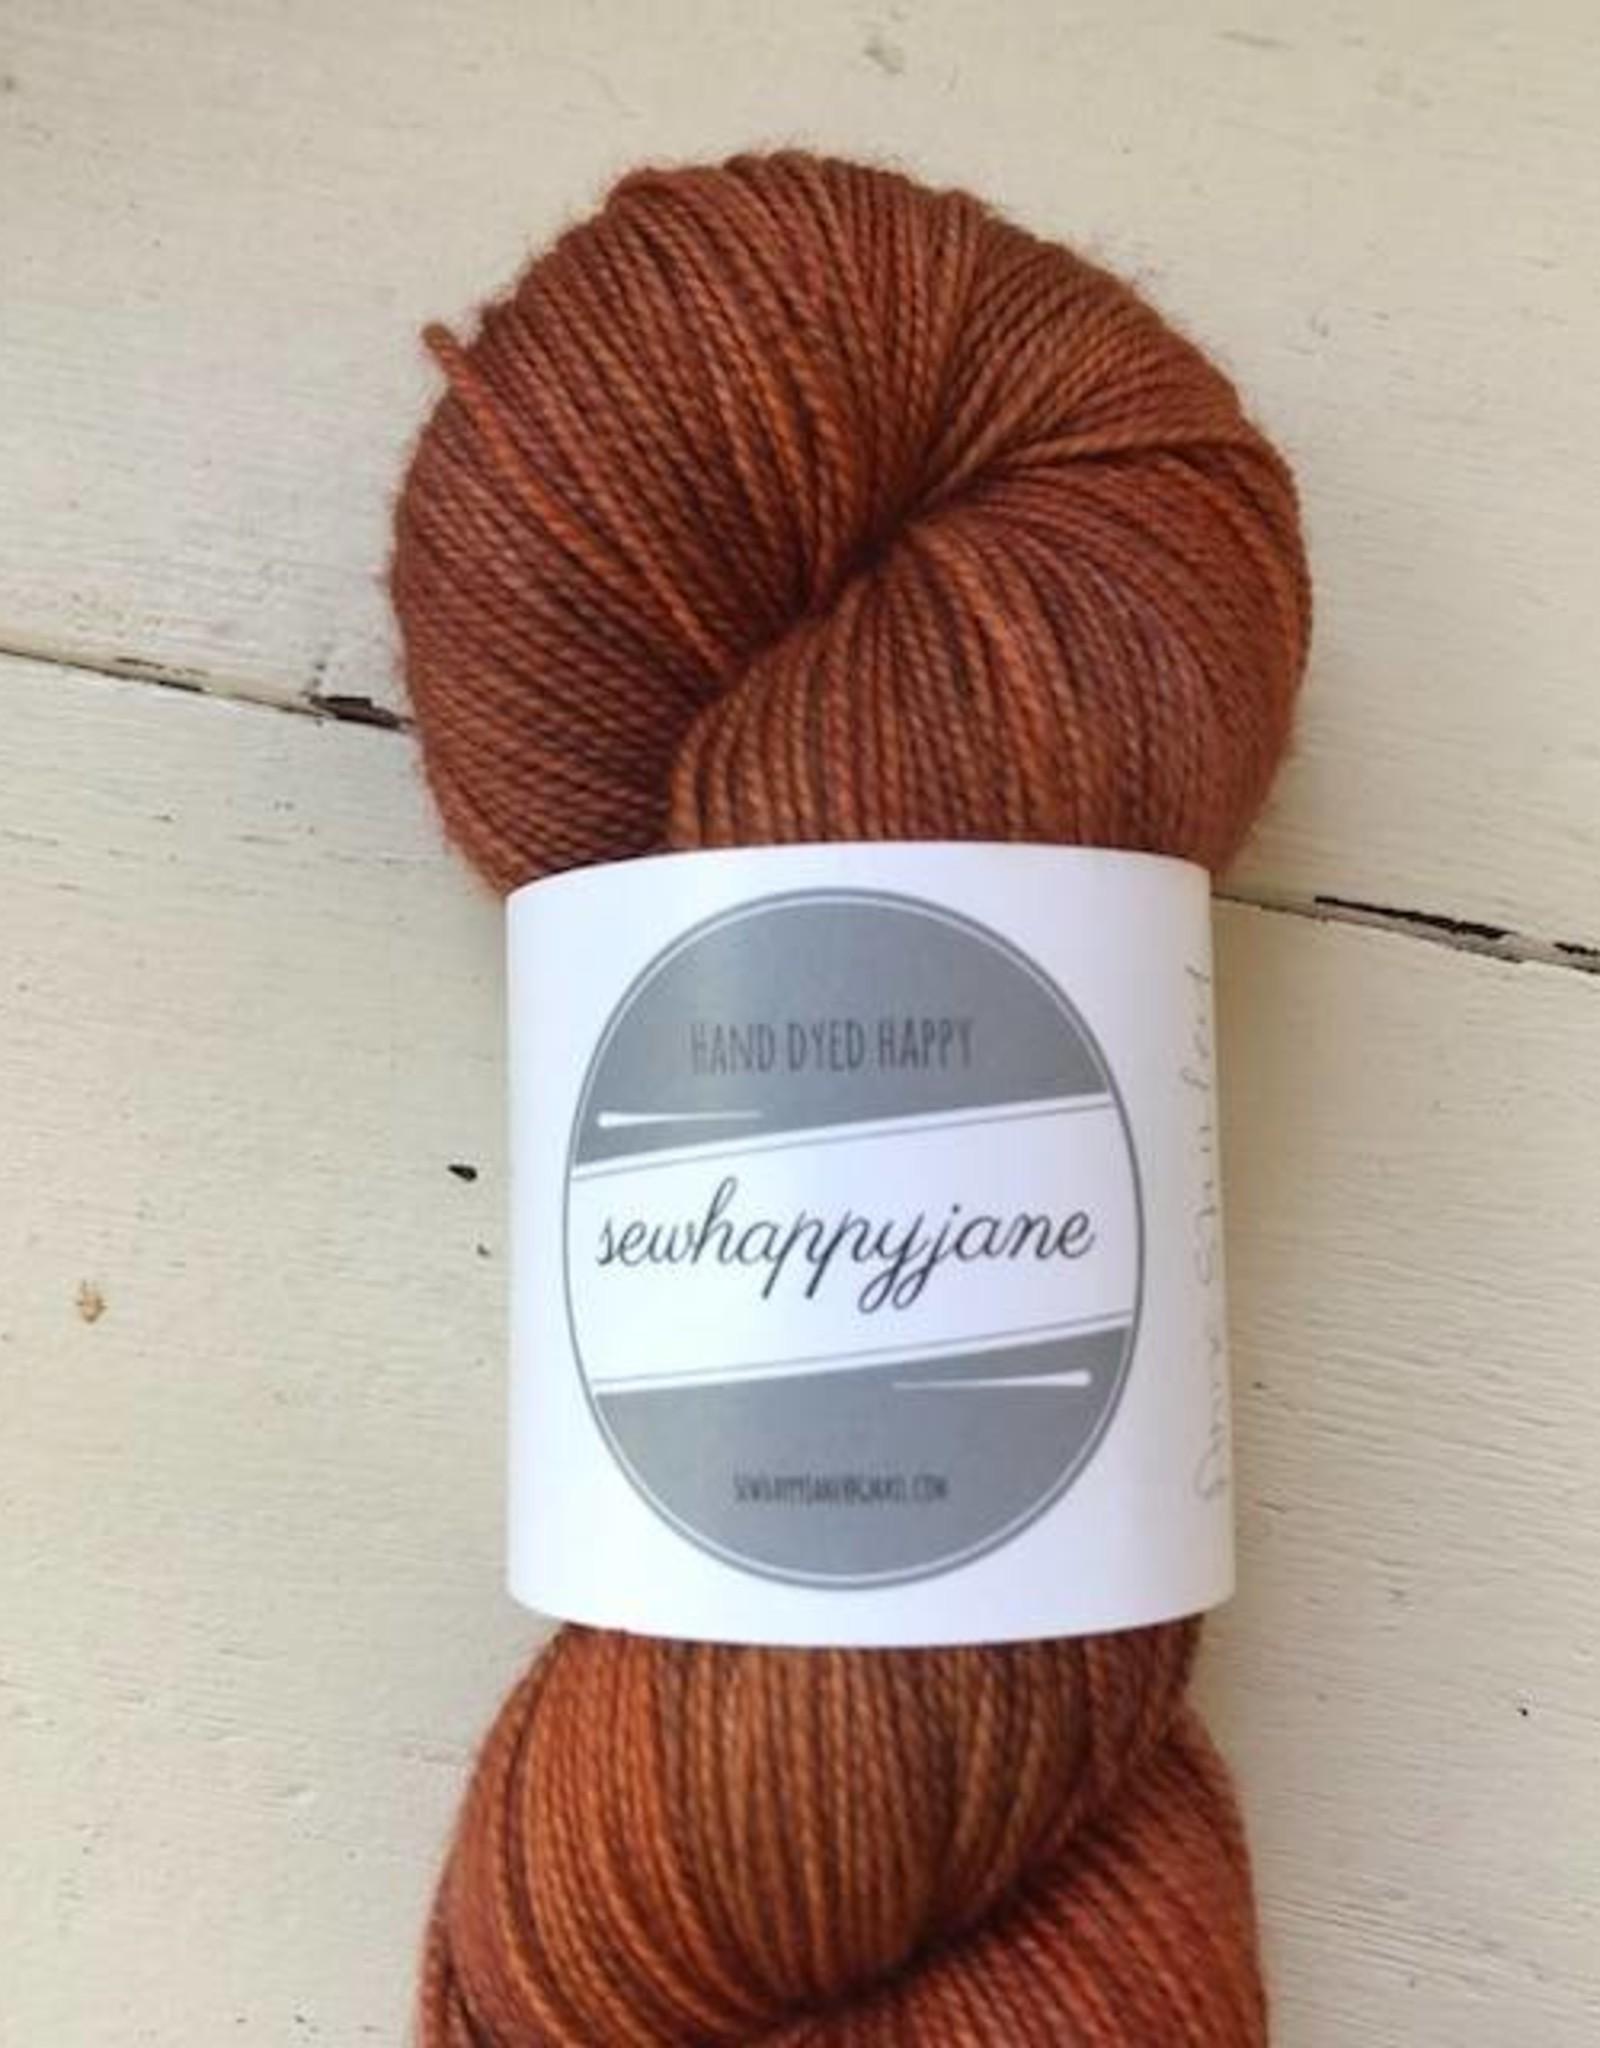 Sew Happy Jane Bouncy Fingering Anne Shirley Auburn